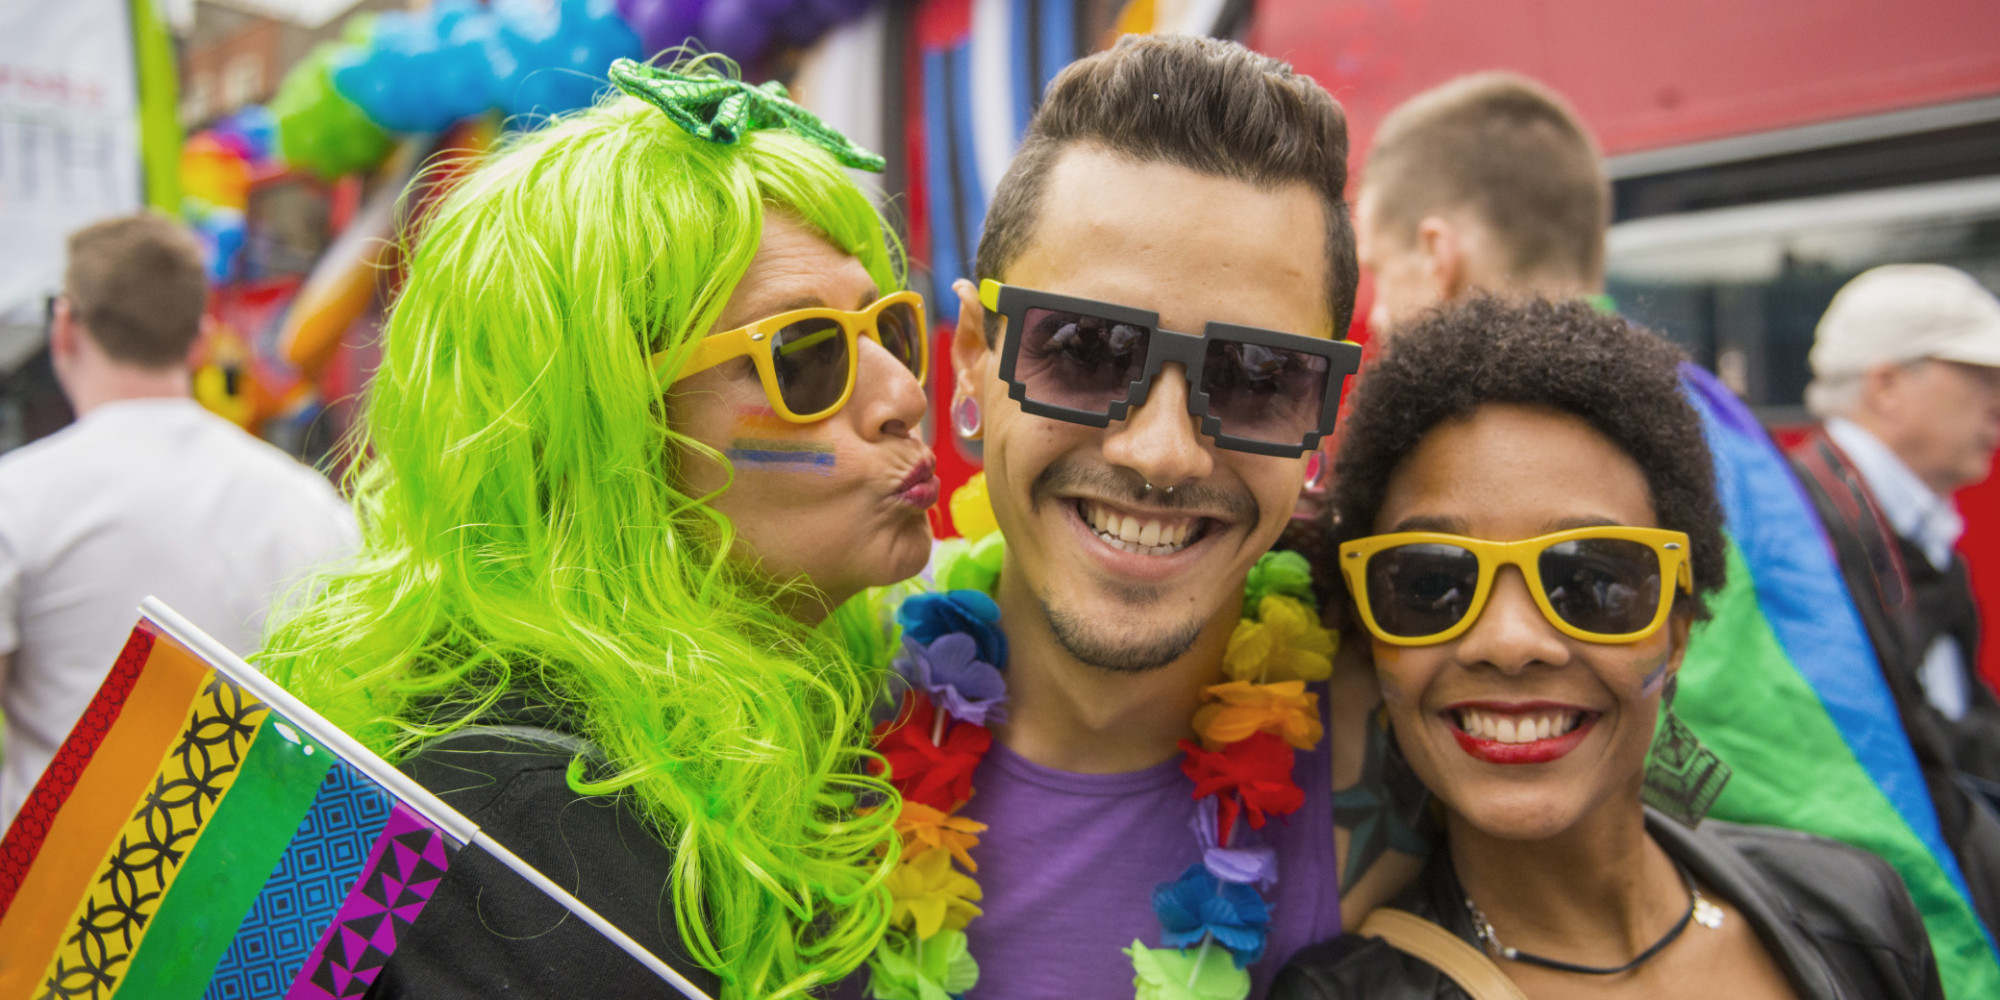 Kendini Biseksüel Olarak Tanımlayan Gençlerin Sayısı Giderek Artıyor